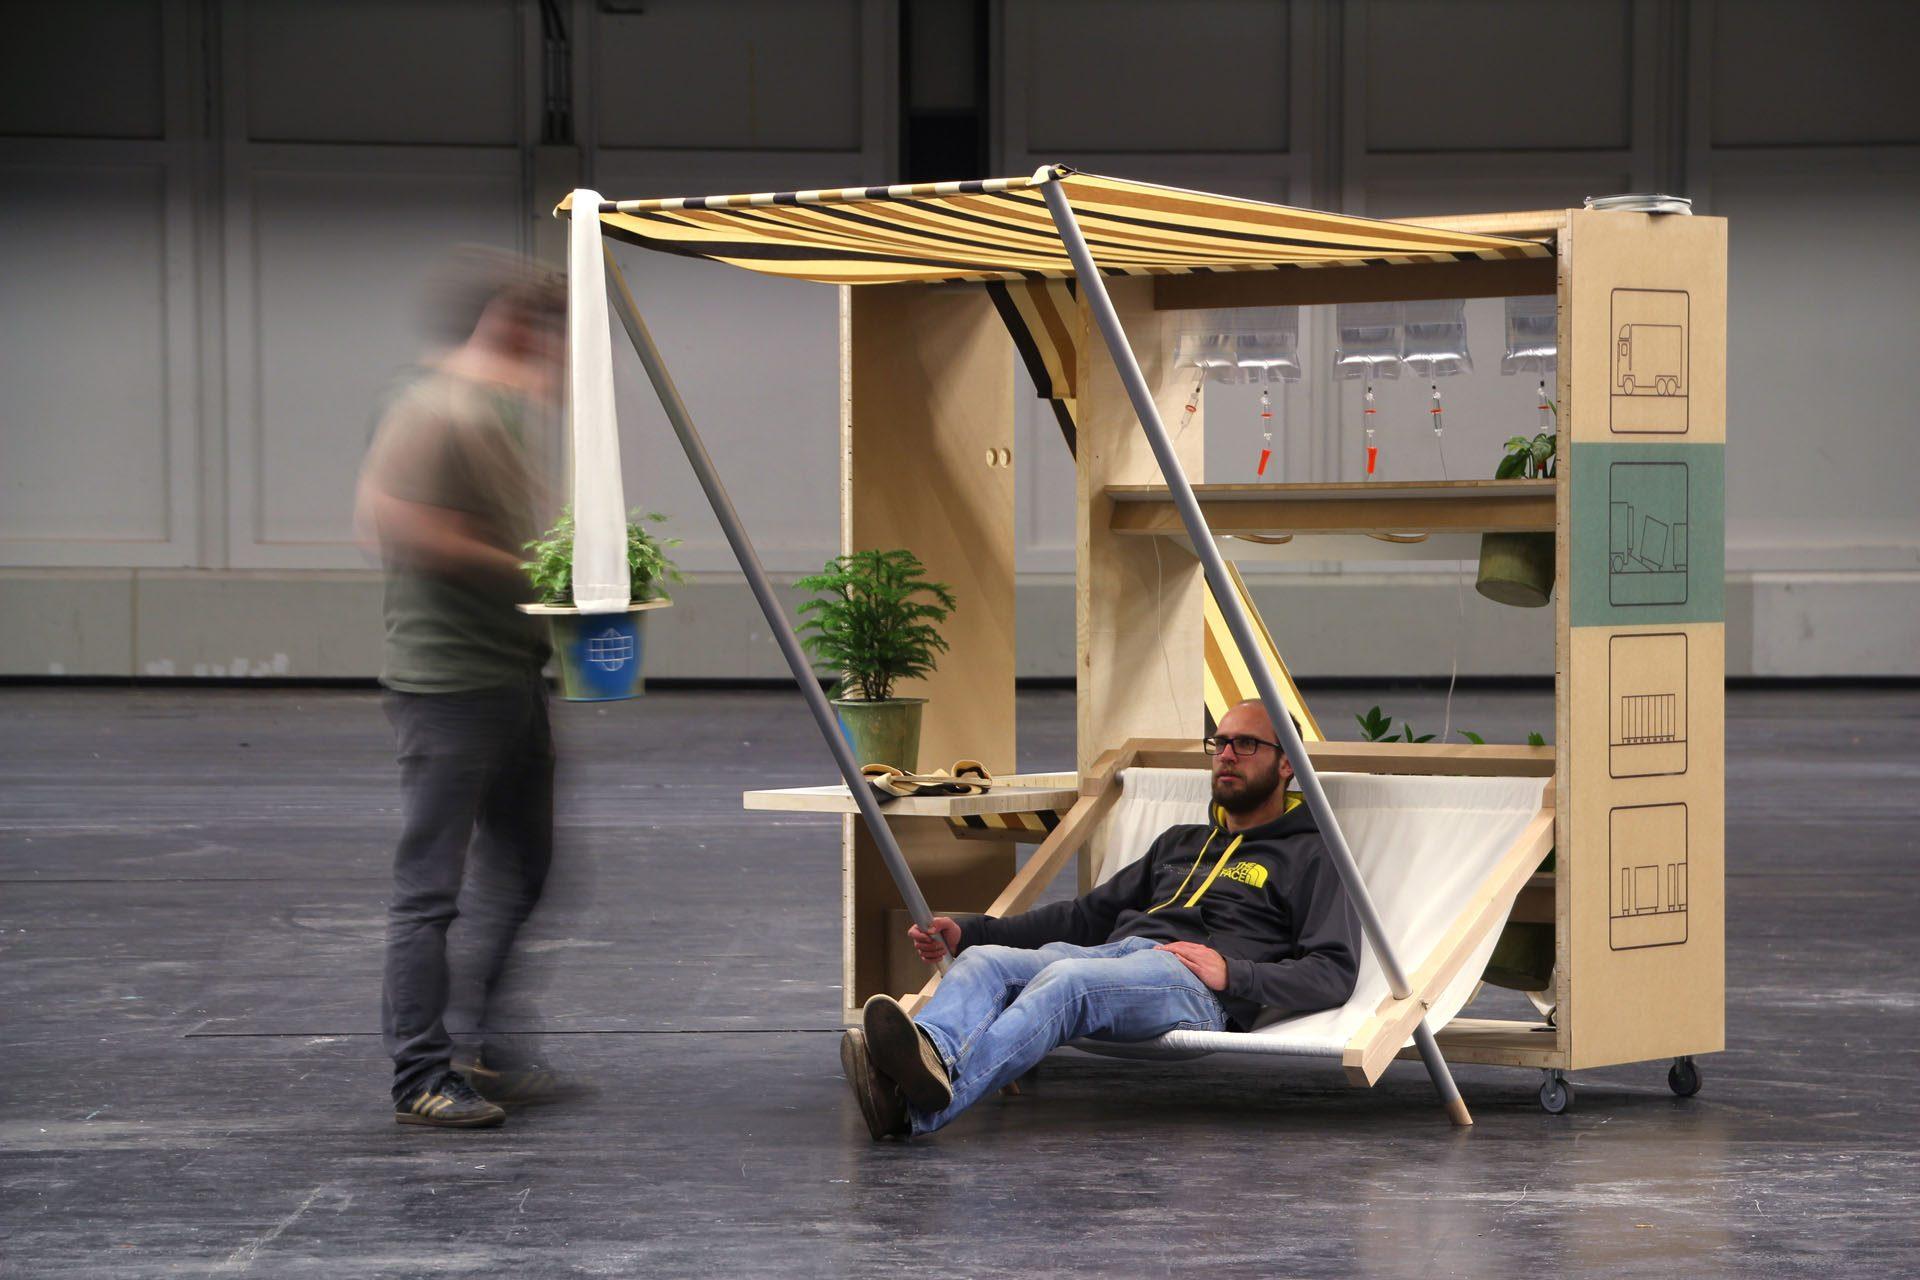 projekt-04-schneeberger-auf-reisen-07